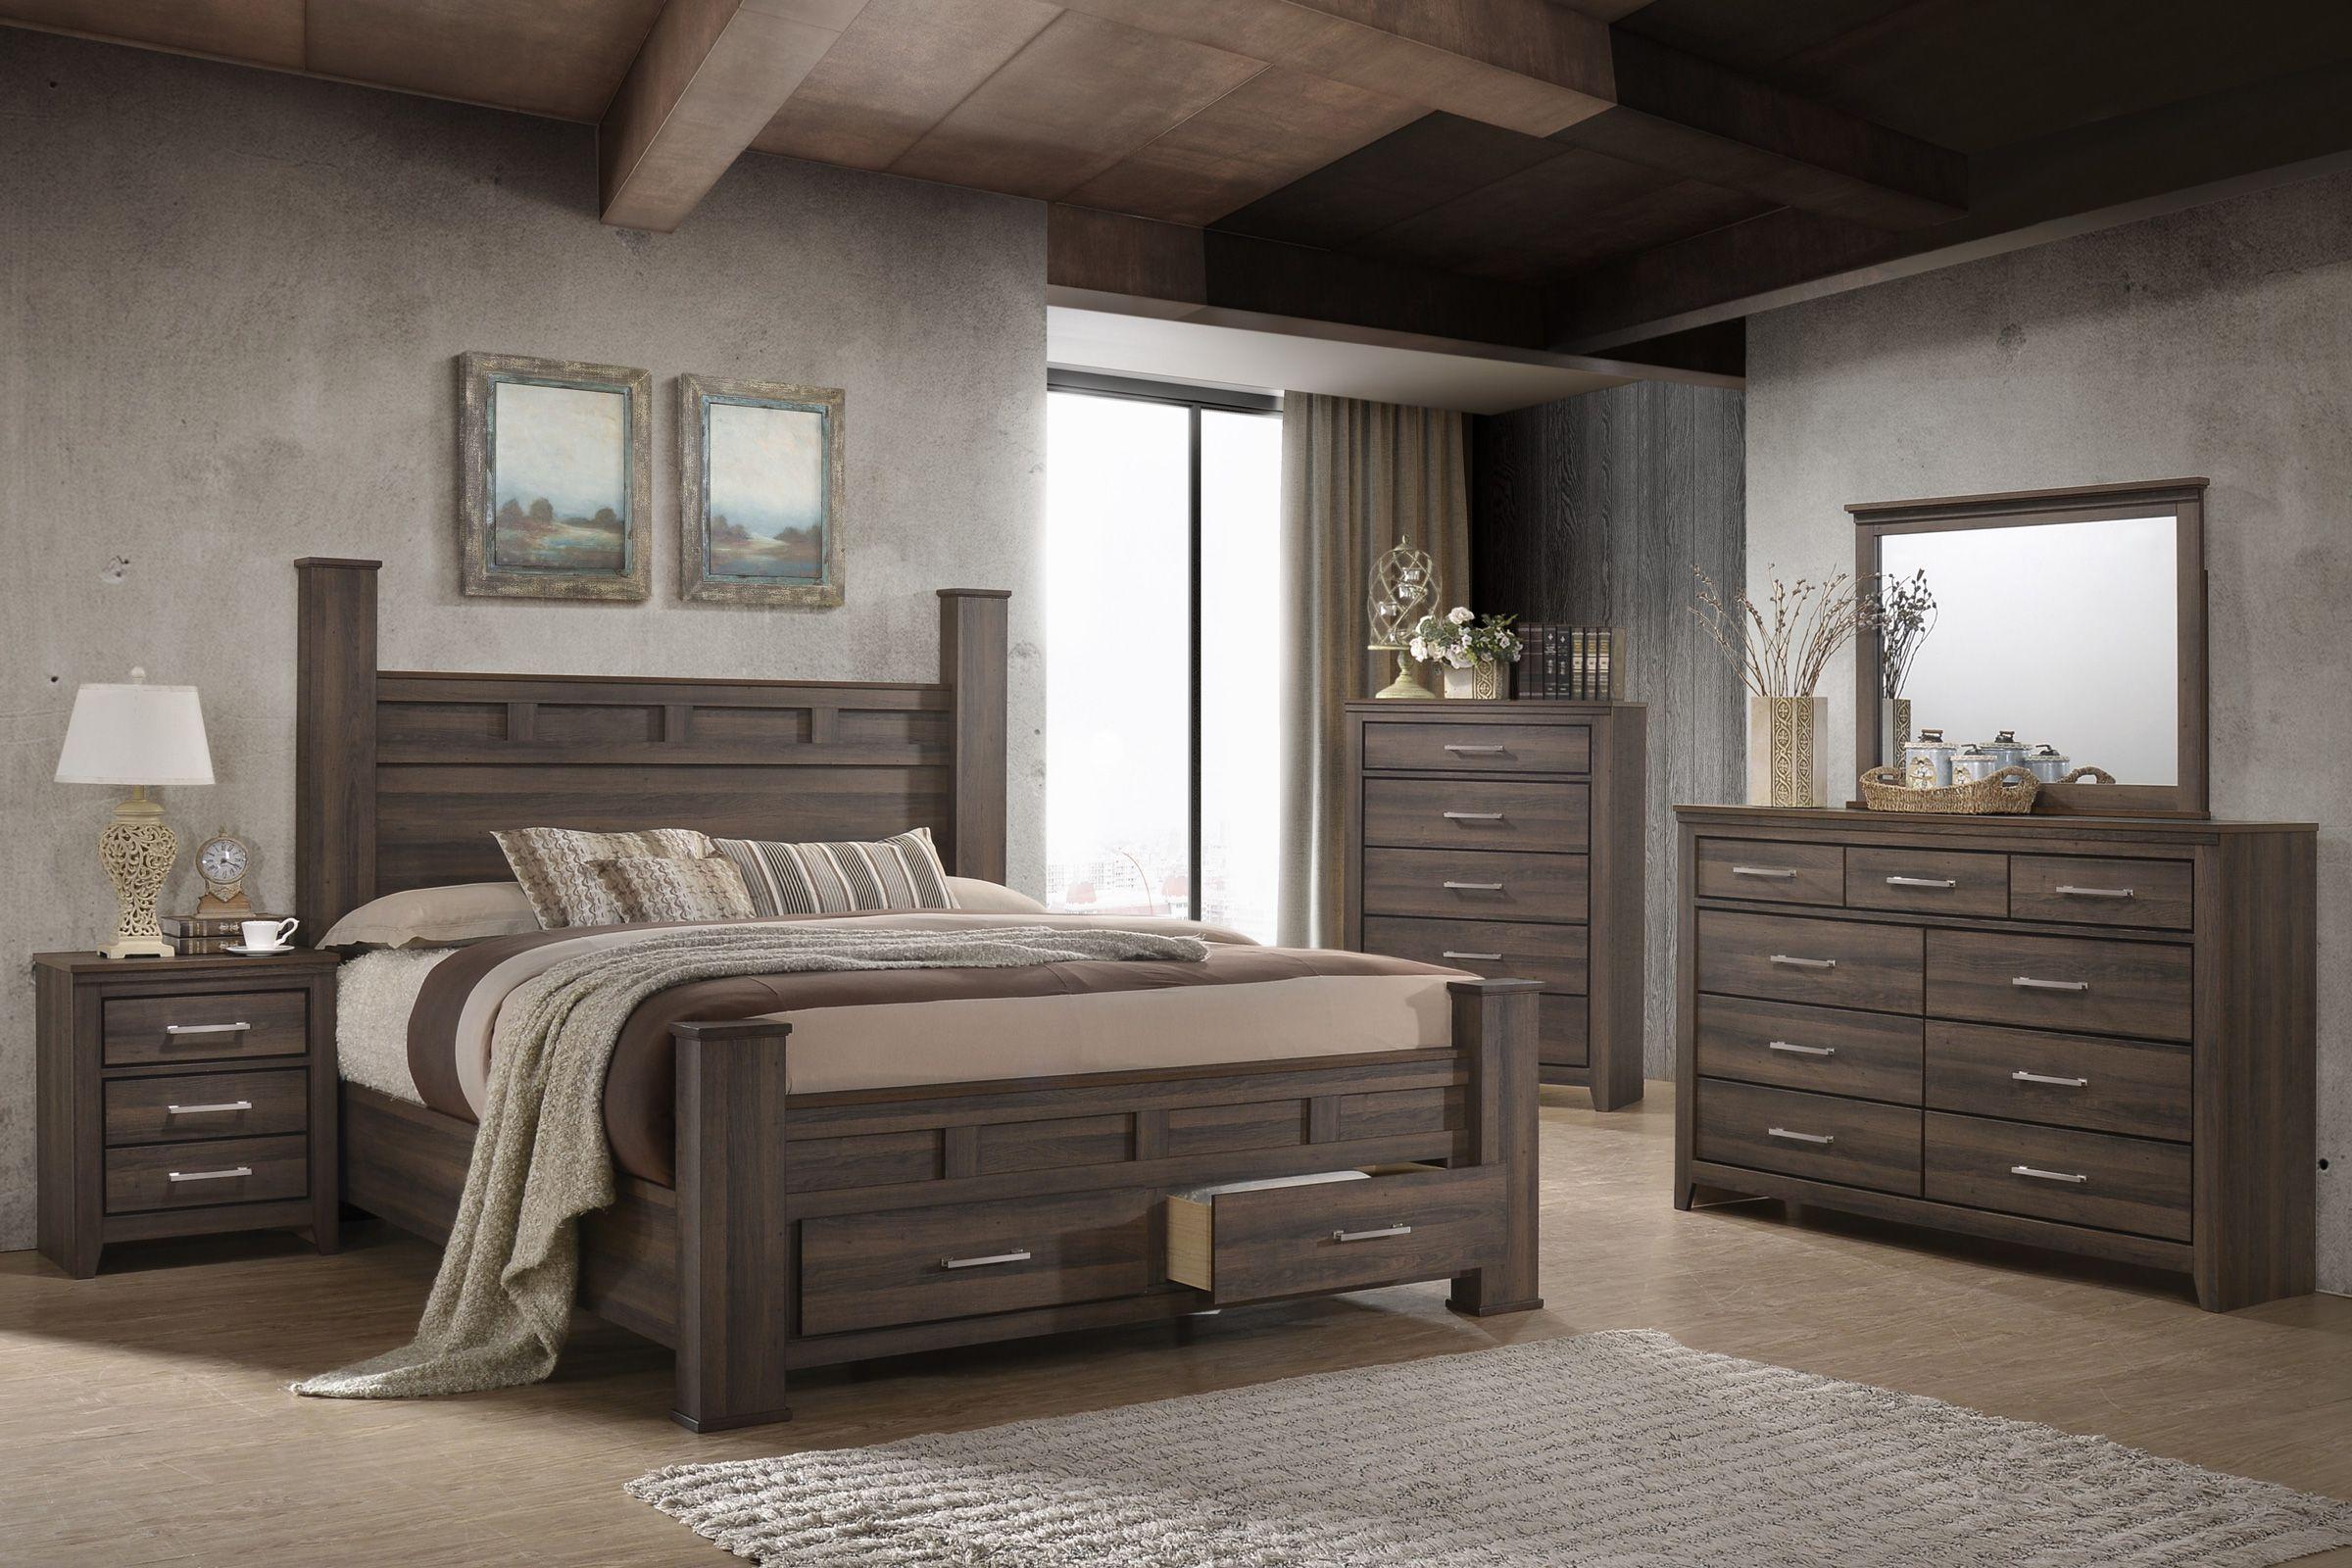 Danville 5 Piece Queen Bedroom Set At Gardner White